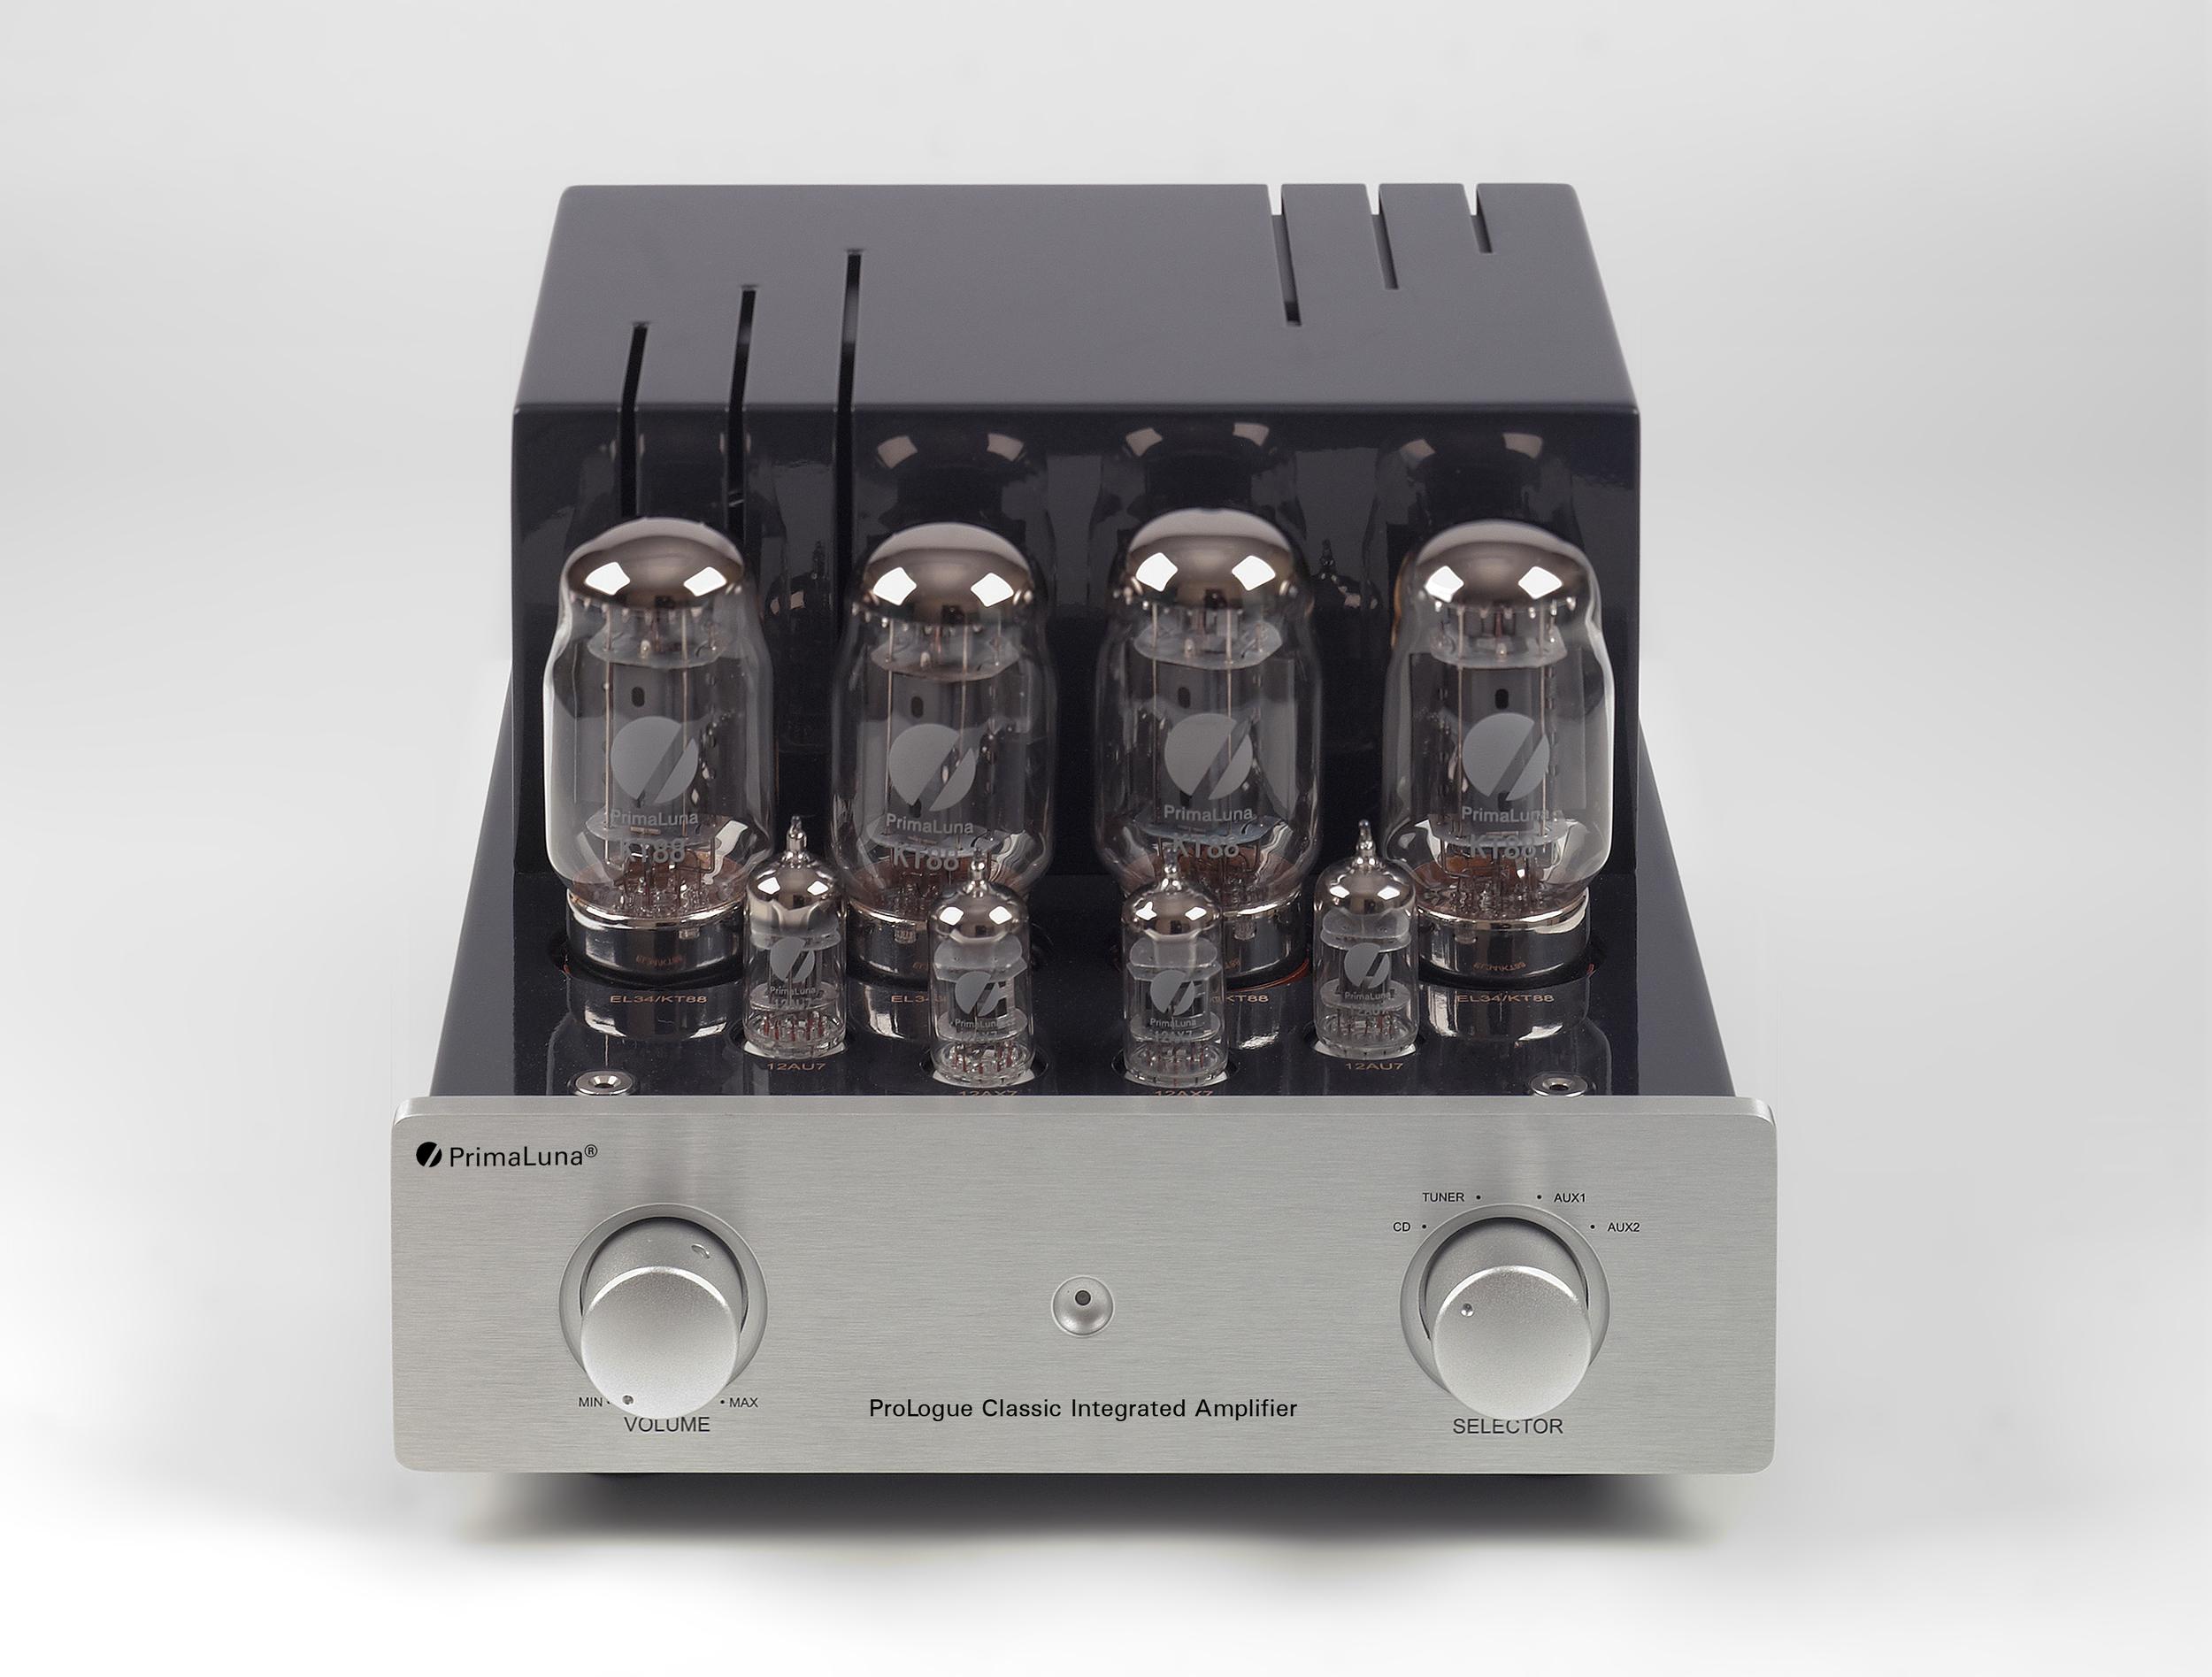 003-PrimaLuna Classic Integrated Amplifier-zilver.jpg